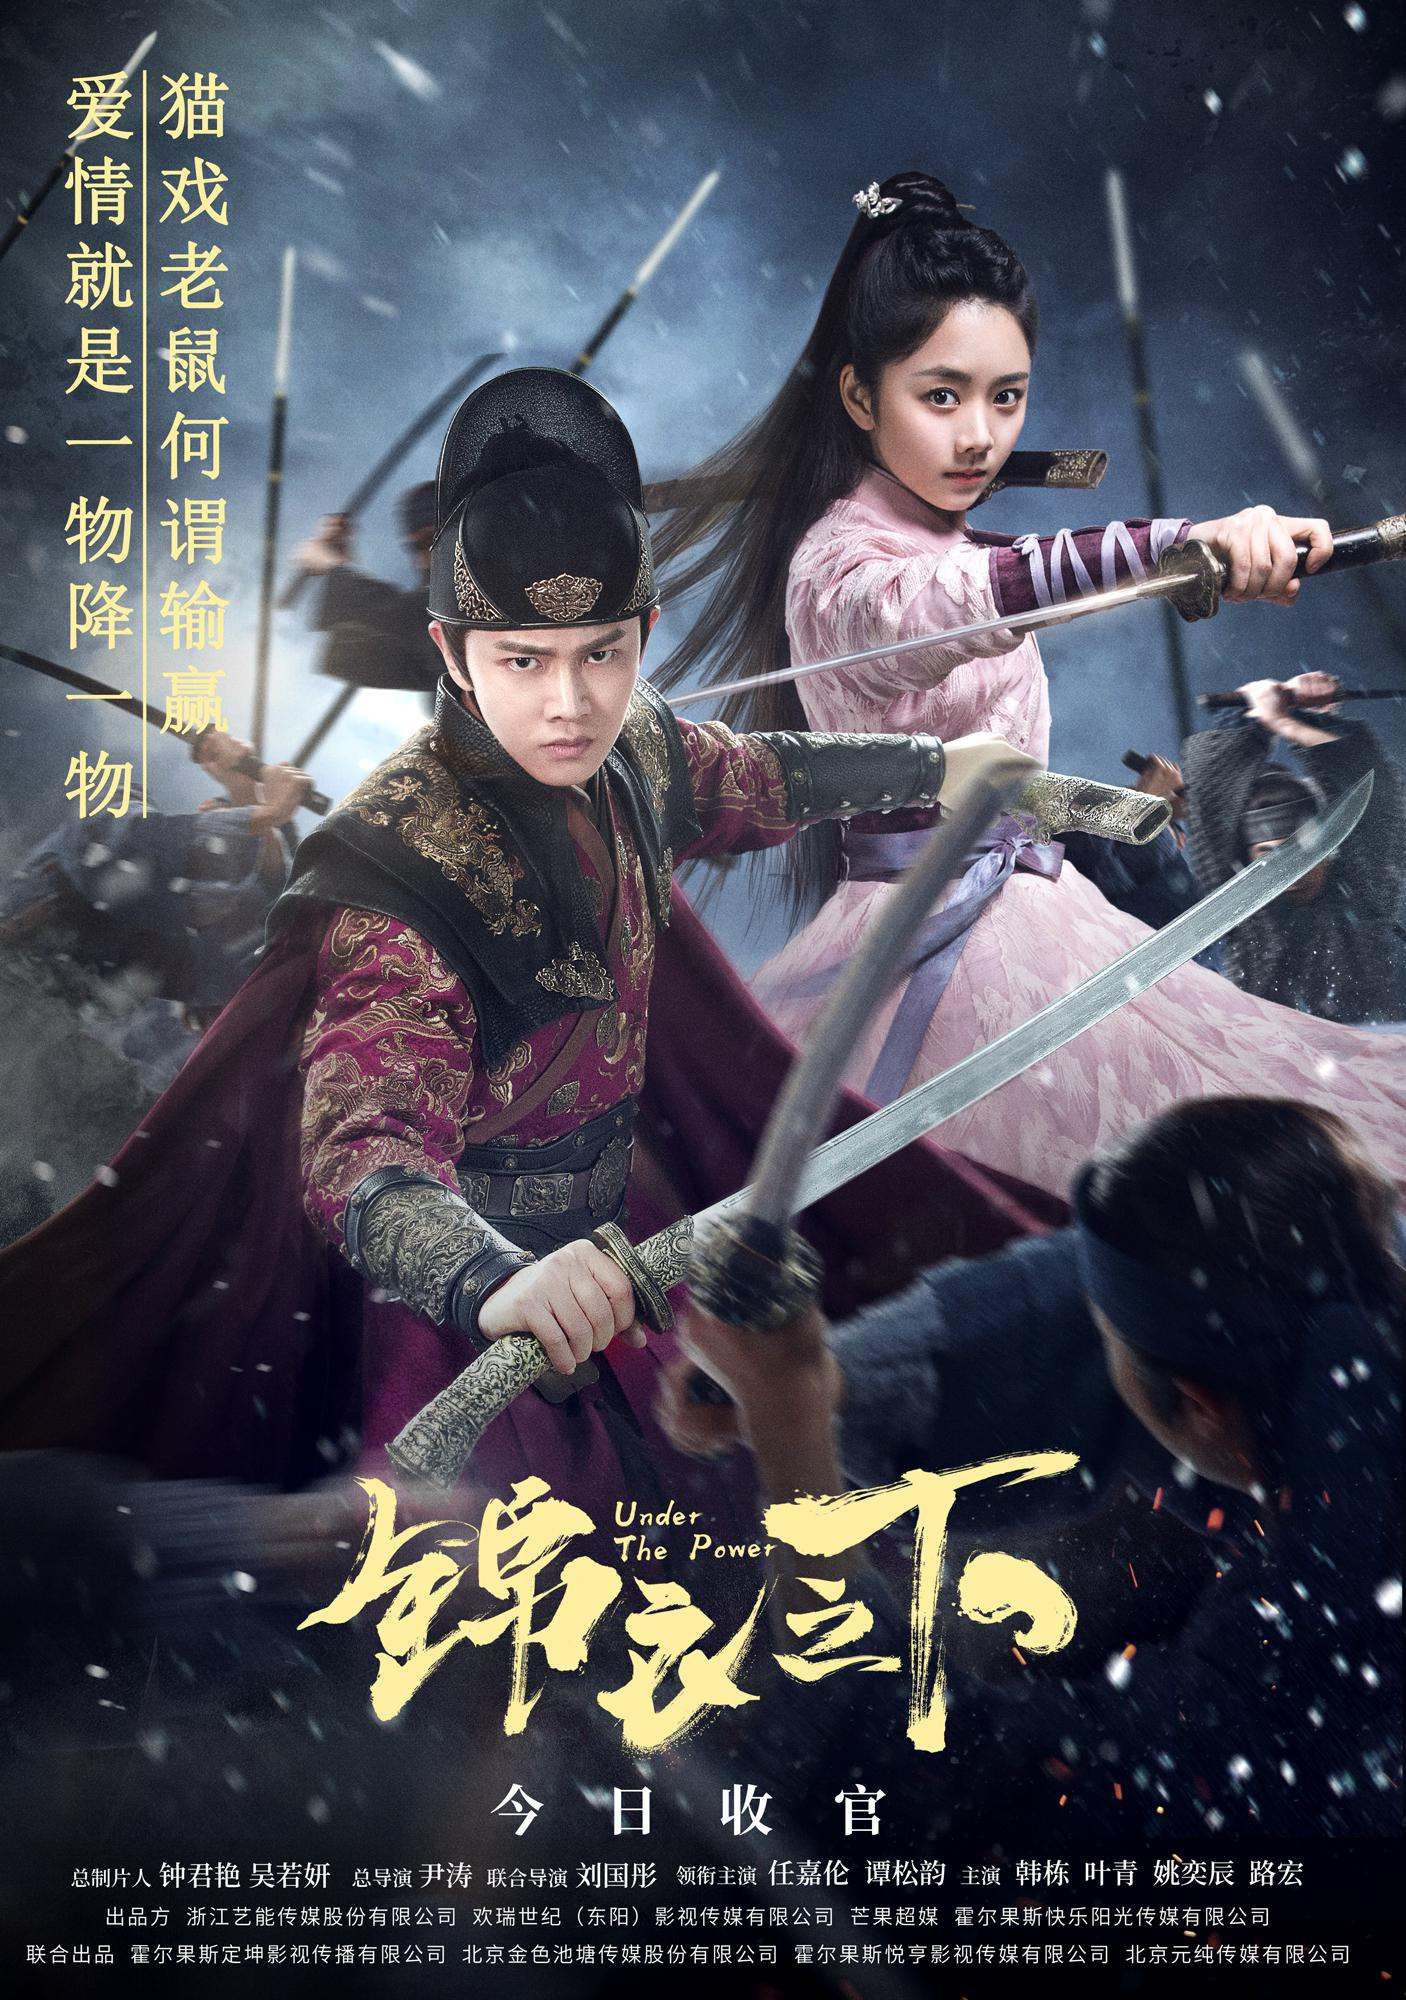 phim cổ trang Trung Quốc Cẩm Y Chi Hạ